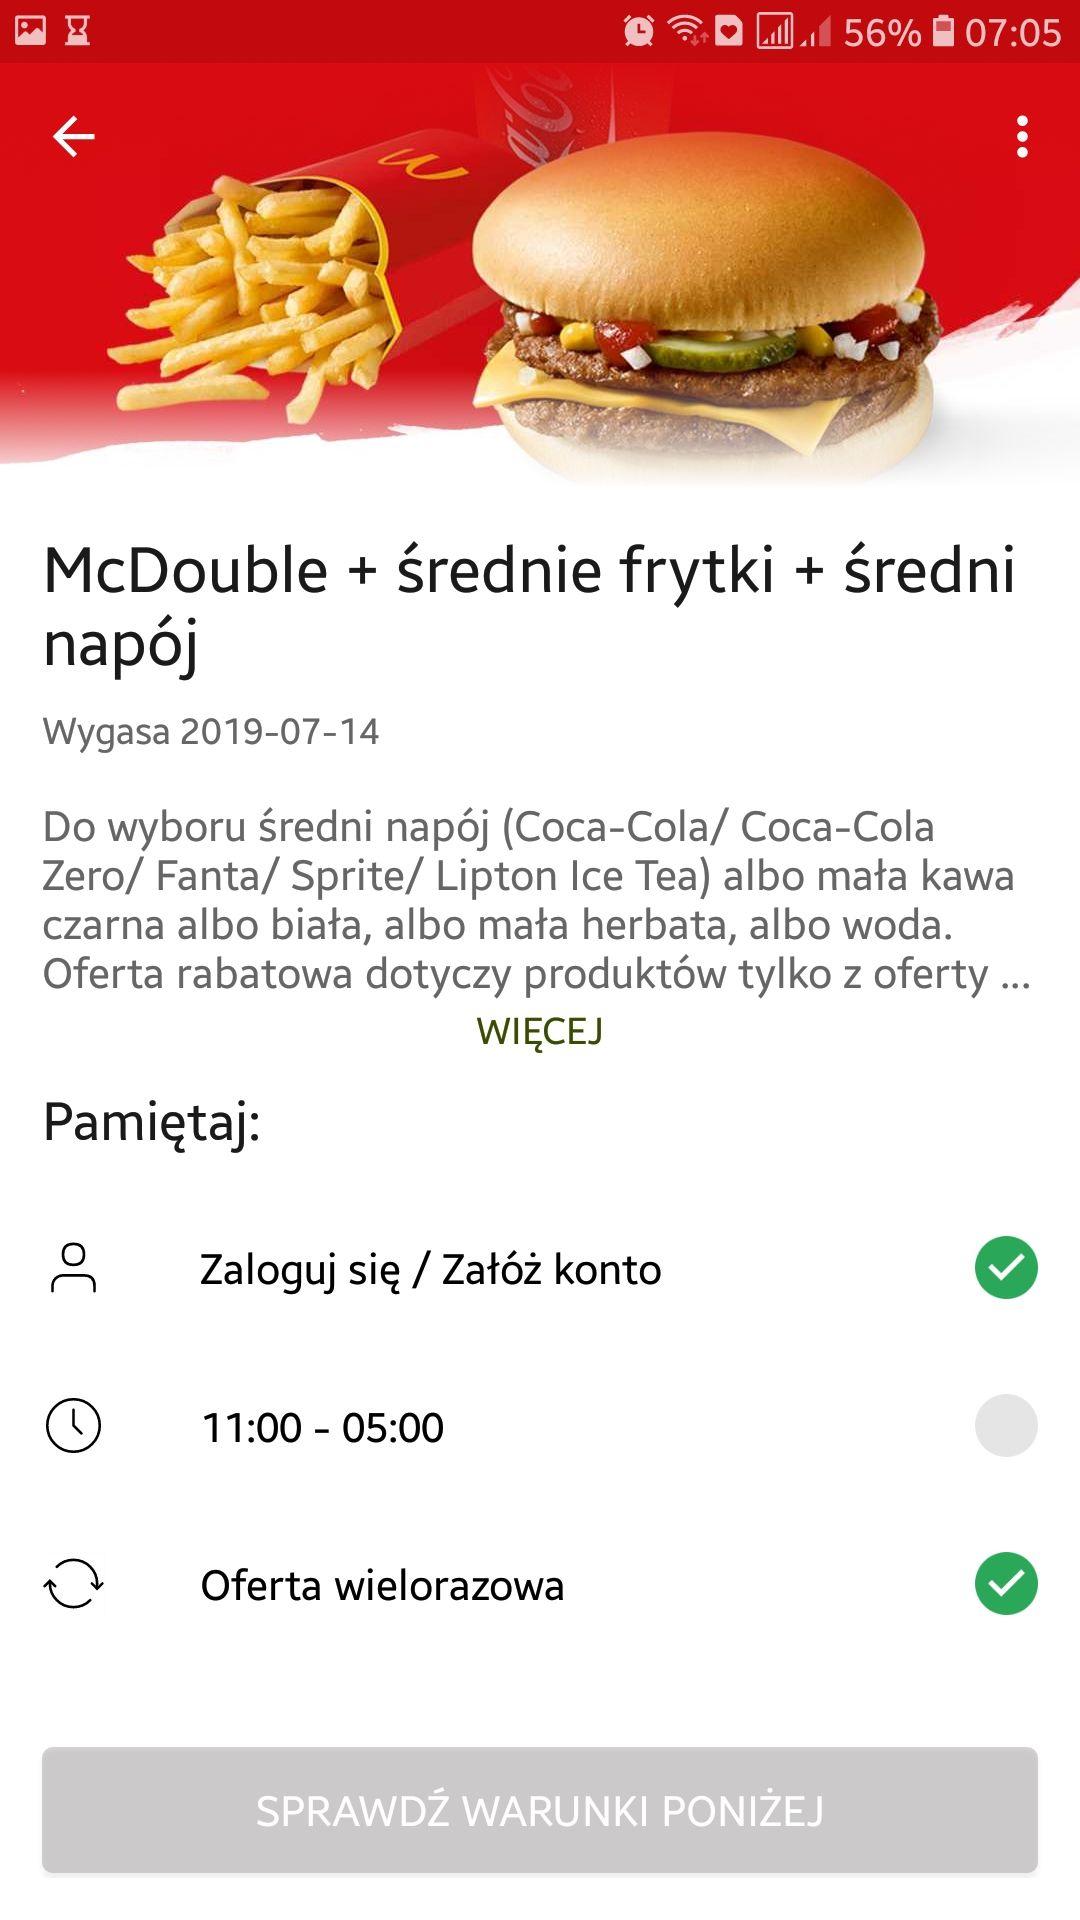 Mc double+średnie frytki+średni napój z aplikacją Mc Donald